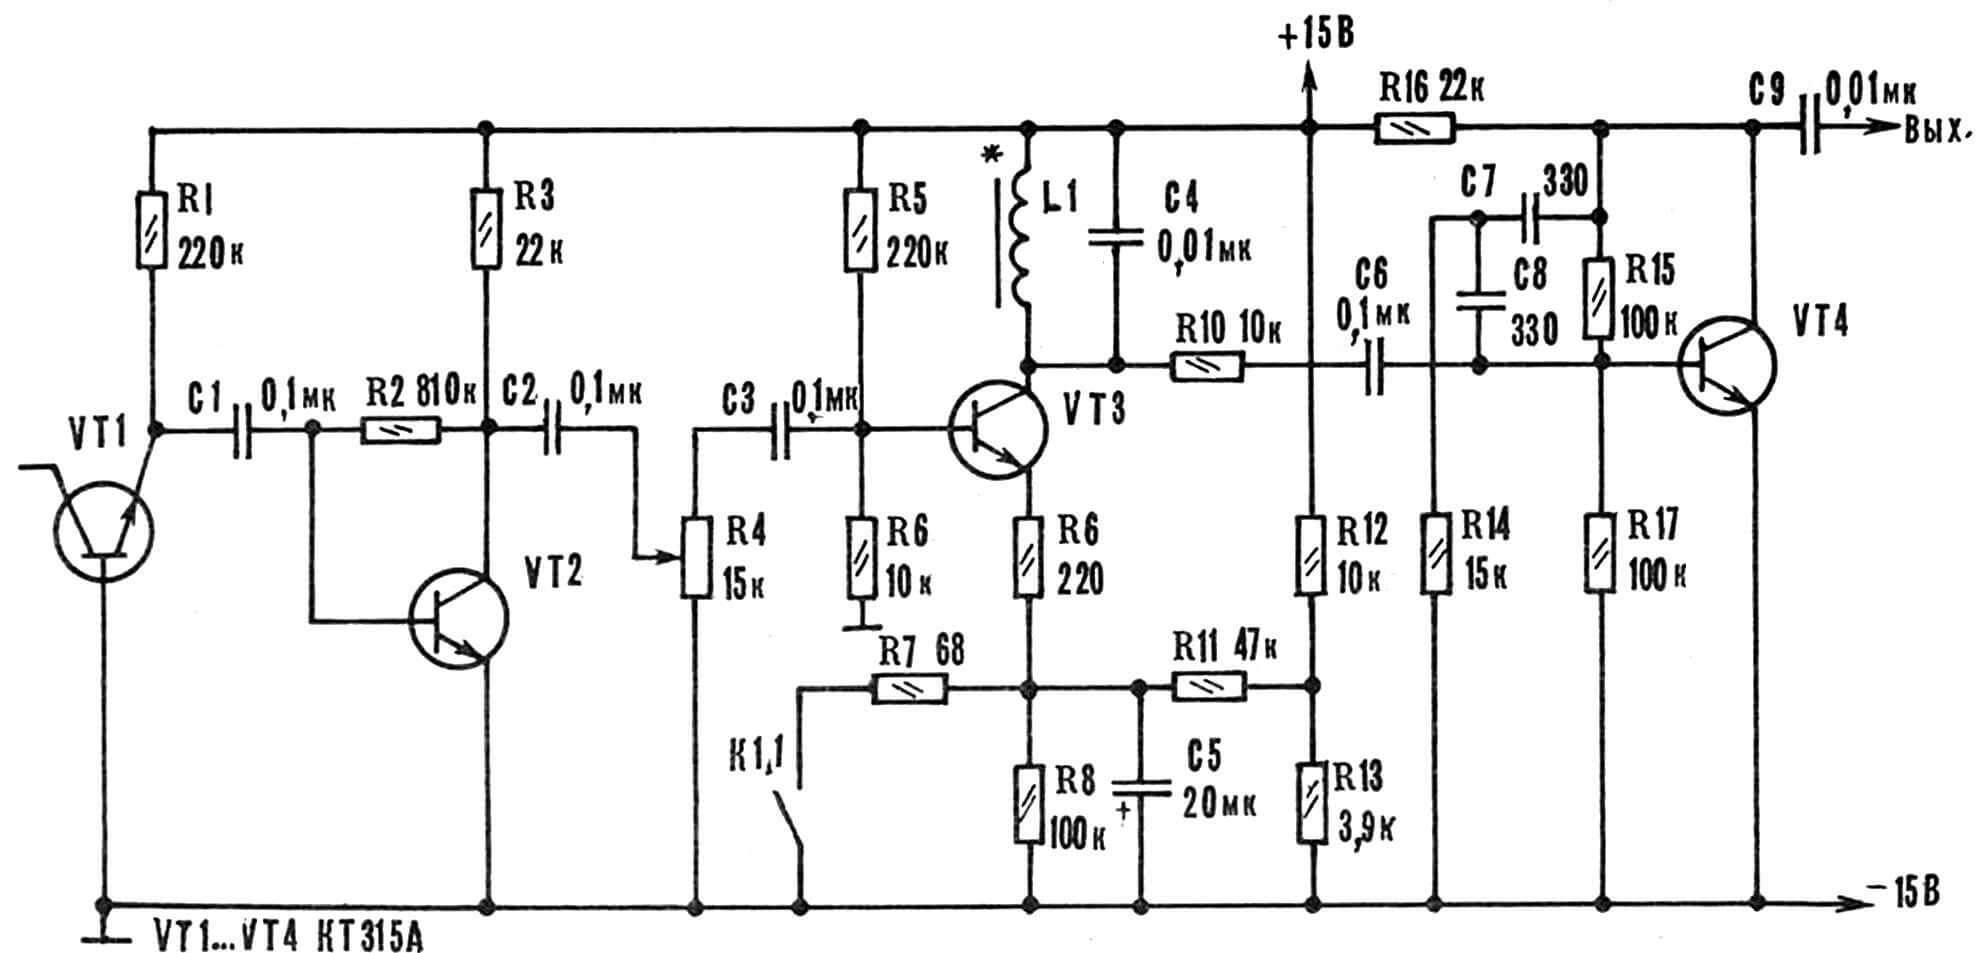 Рис. 6. Принципиальная схема генератора белого шума и усилителя-модулятора.